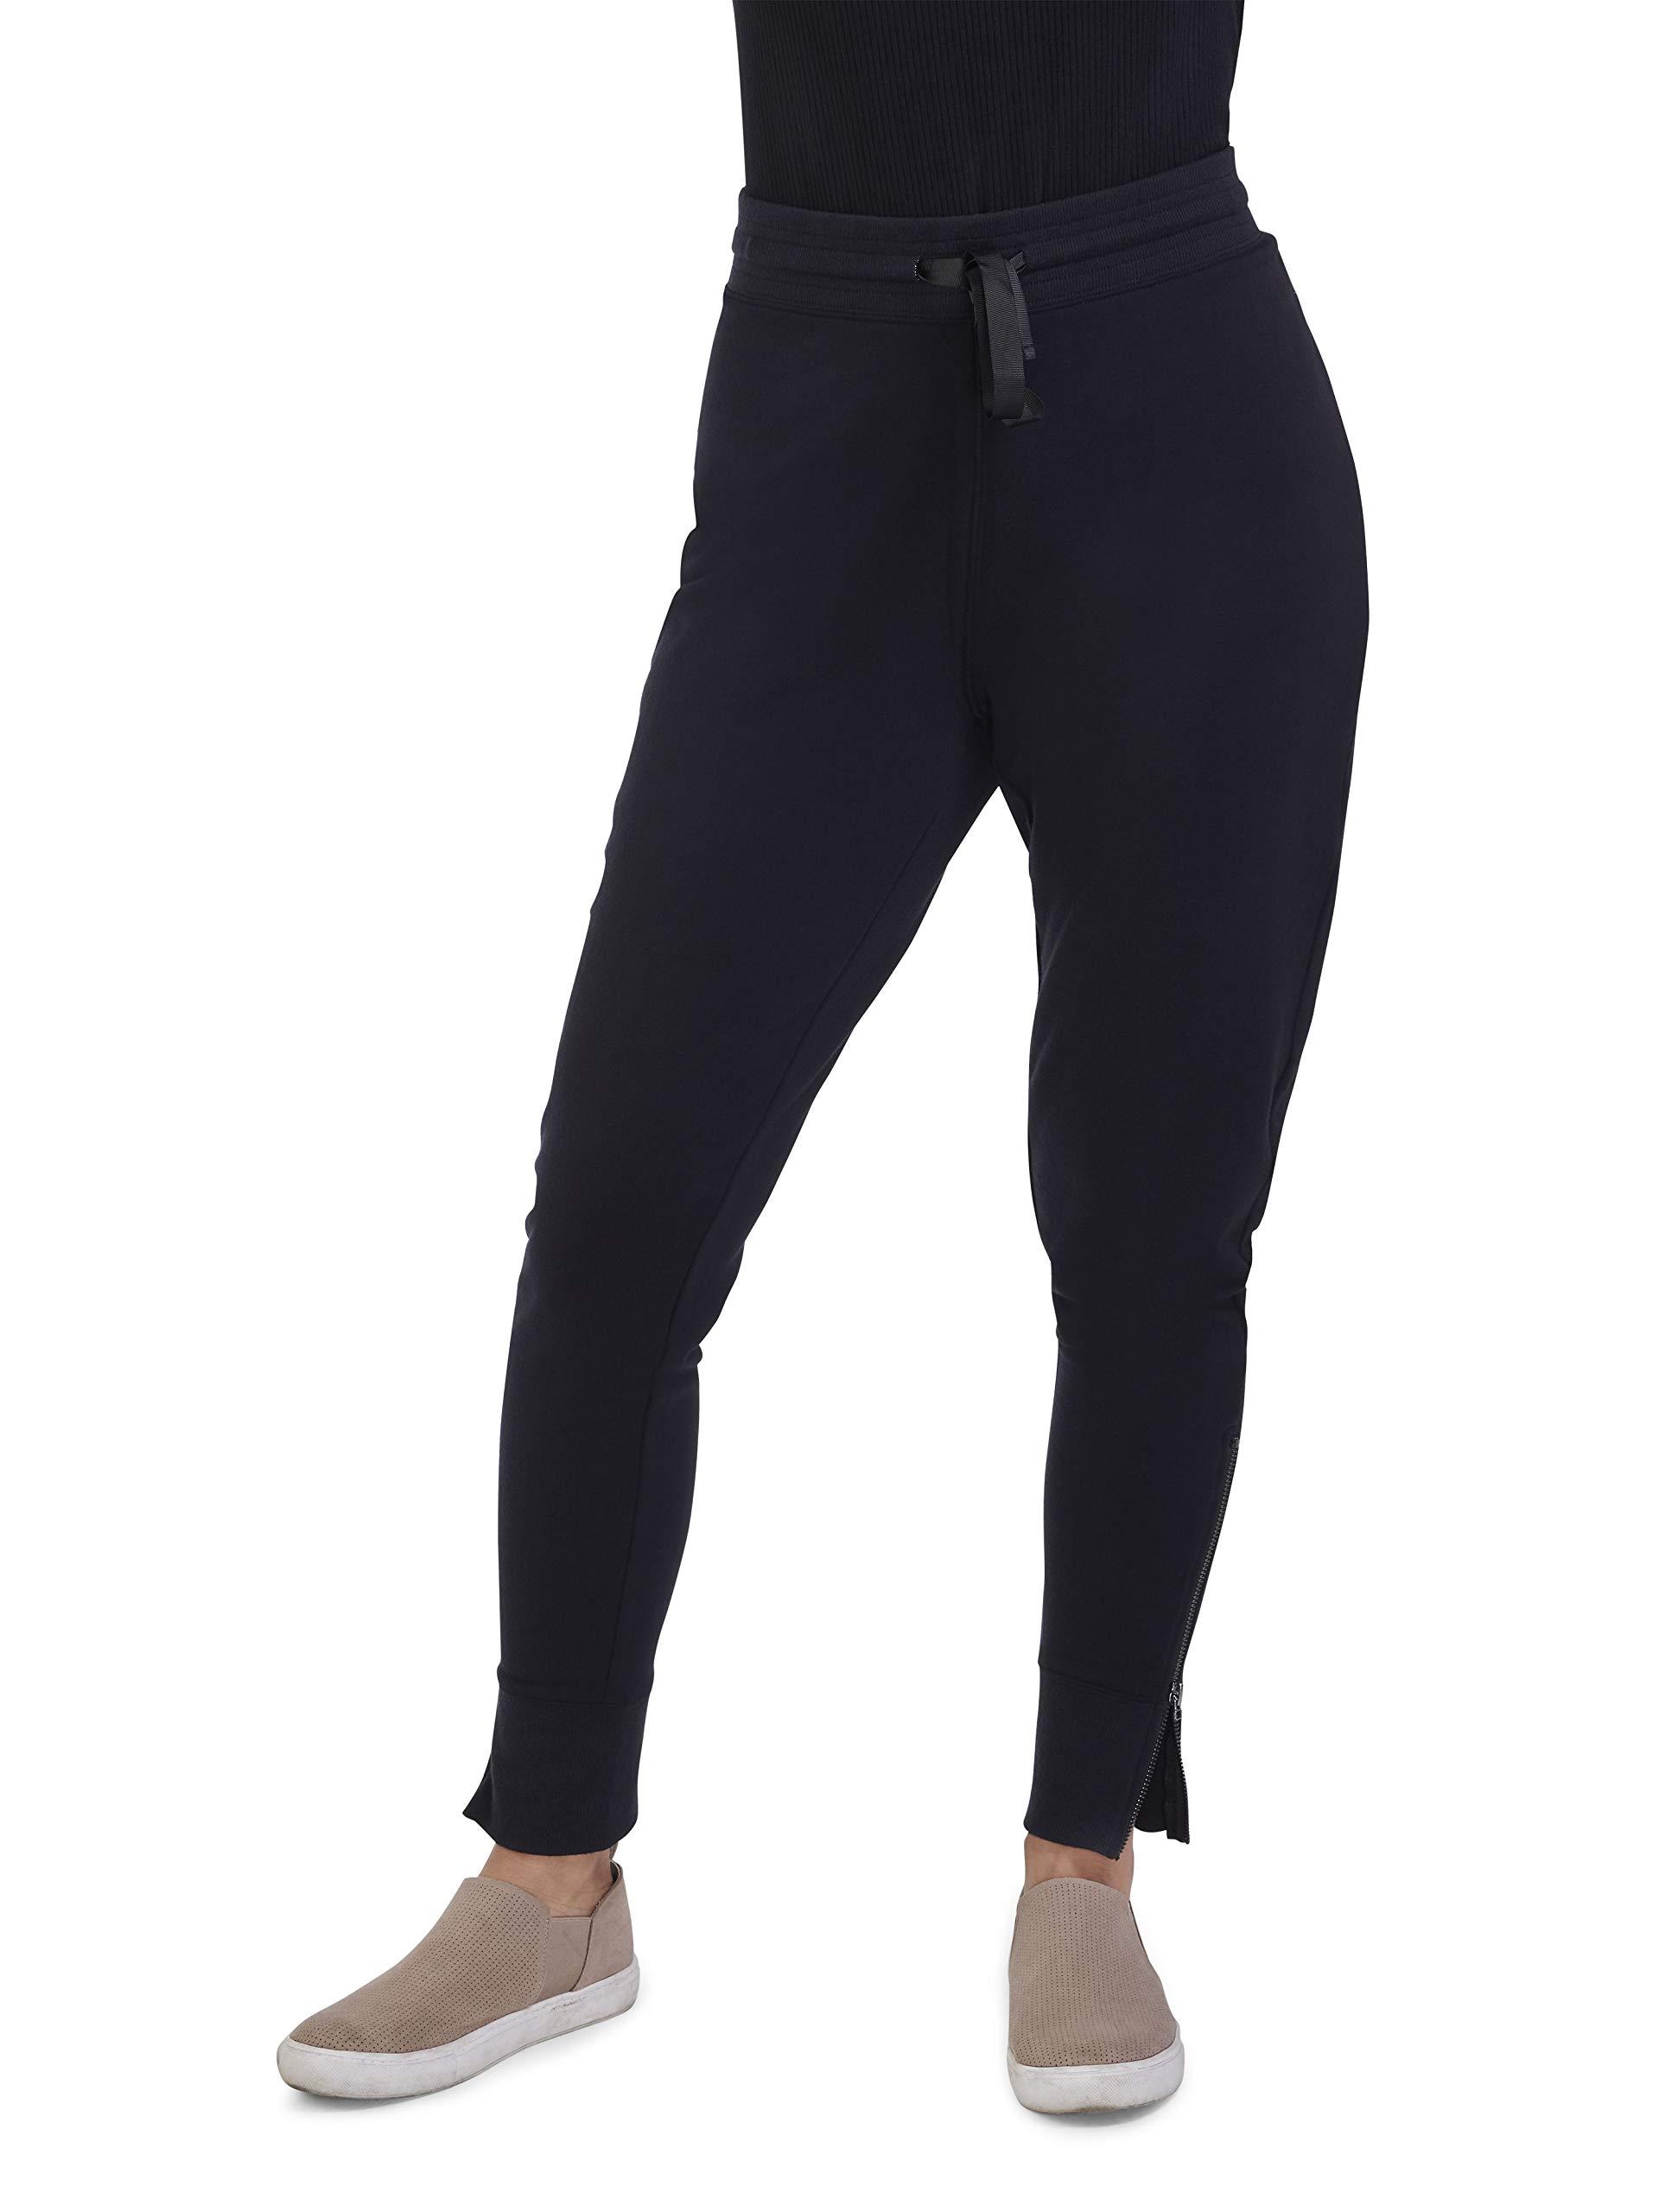 Seek No Further by Fruit of the Loom Women's Fleece Jogger Sweatpants